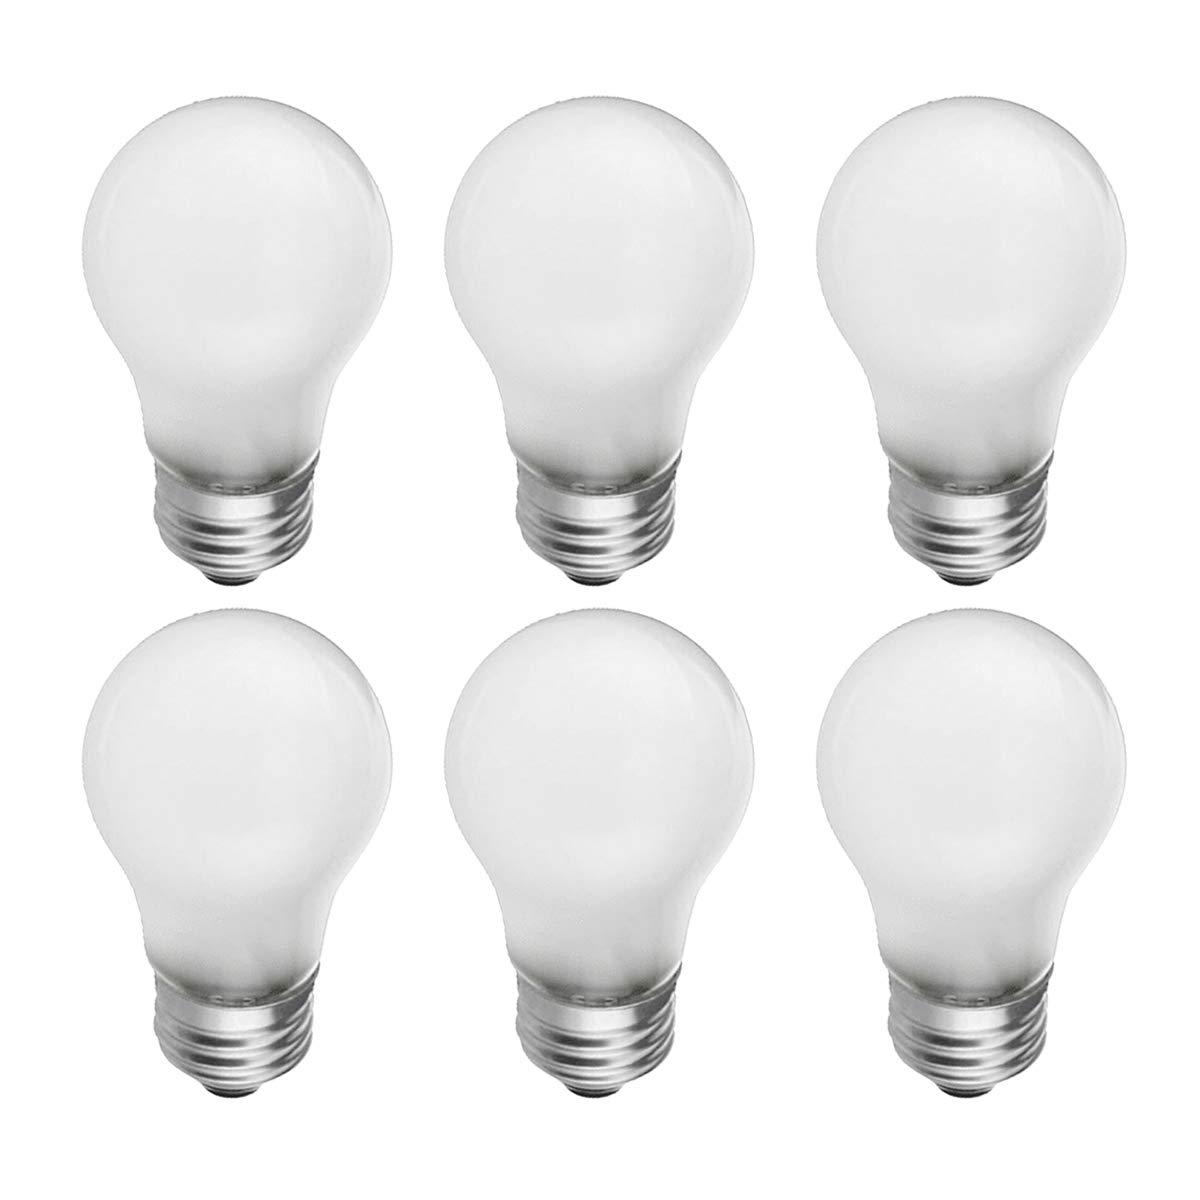 Frosted A15 Incandescent Appliance Light Bulb, 40 Watt, 2700K Soft White, E26 Medium Base, 320 Lumens, 130V (6 Pack)